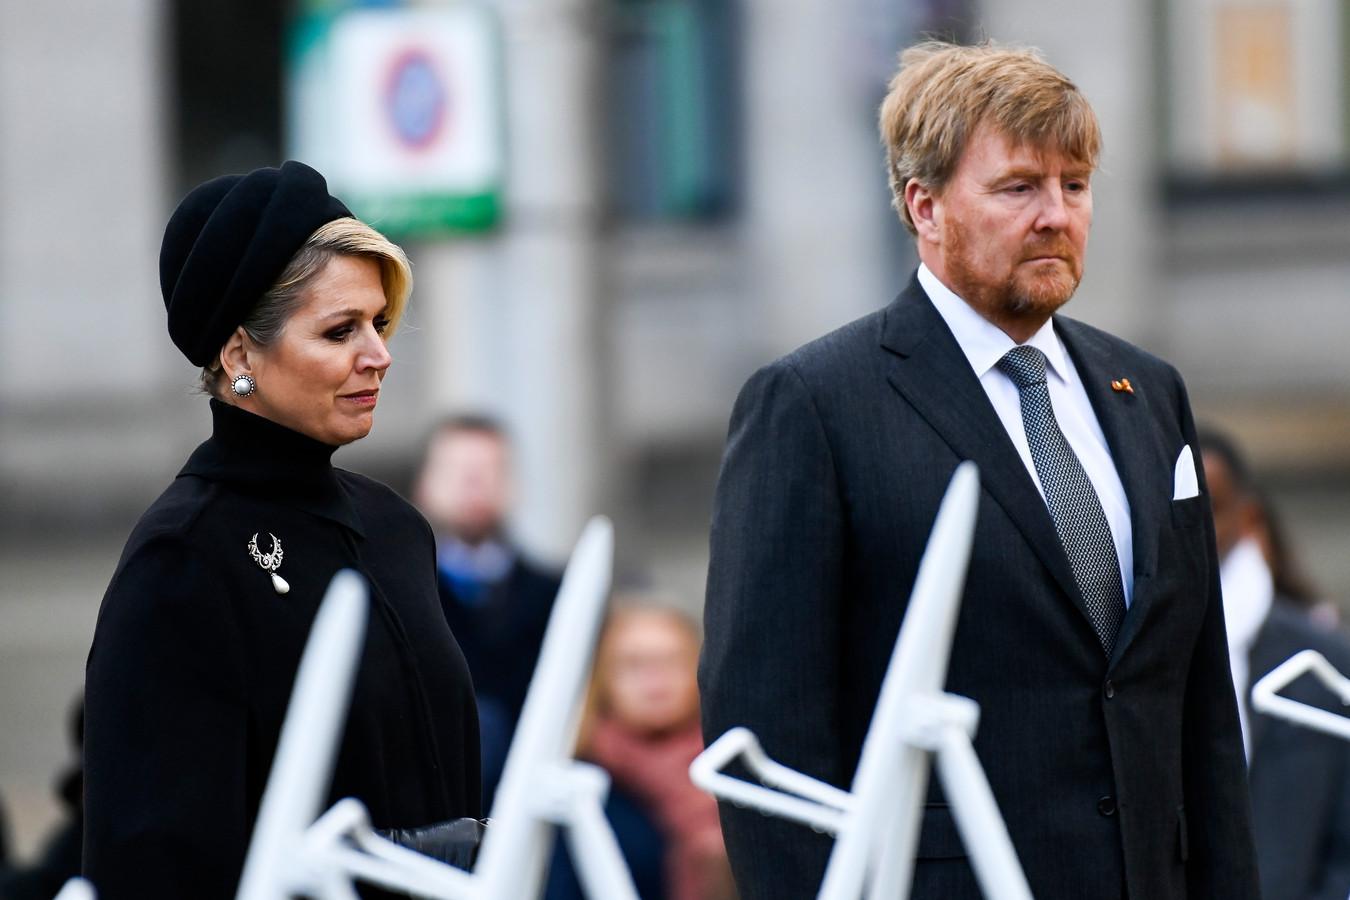 Nationale Dodenherdenking 2021 vanaf de Dam in Amsterdam met koning Willem-Alexander en koningin Máxima .